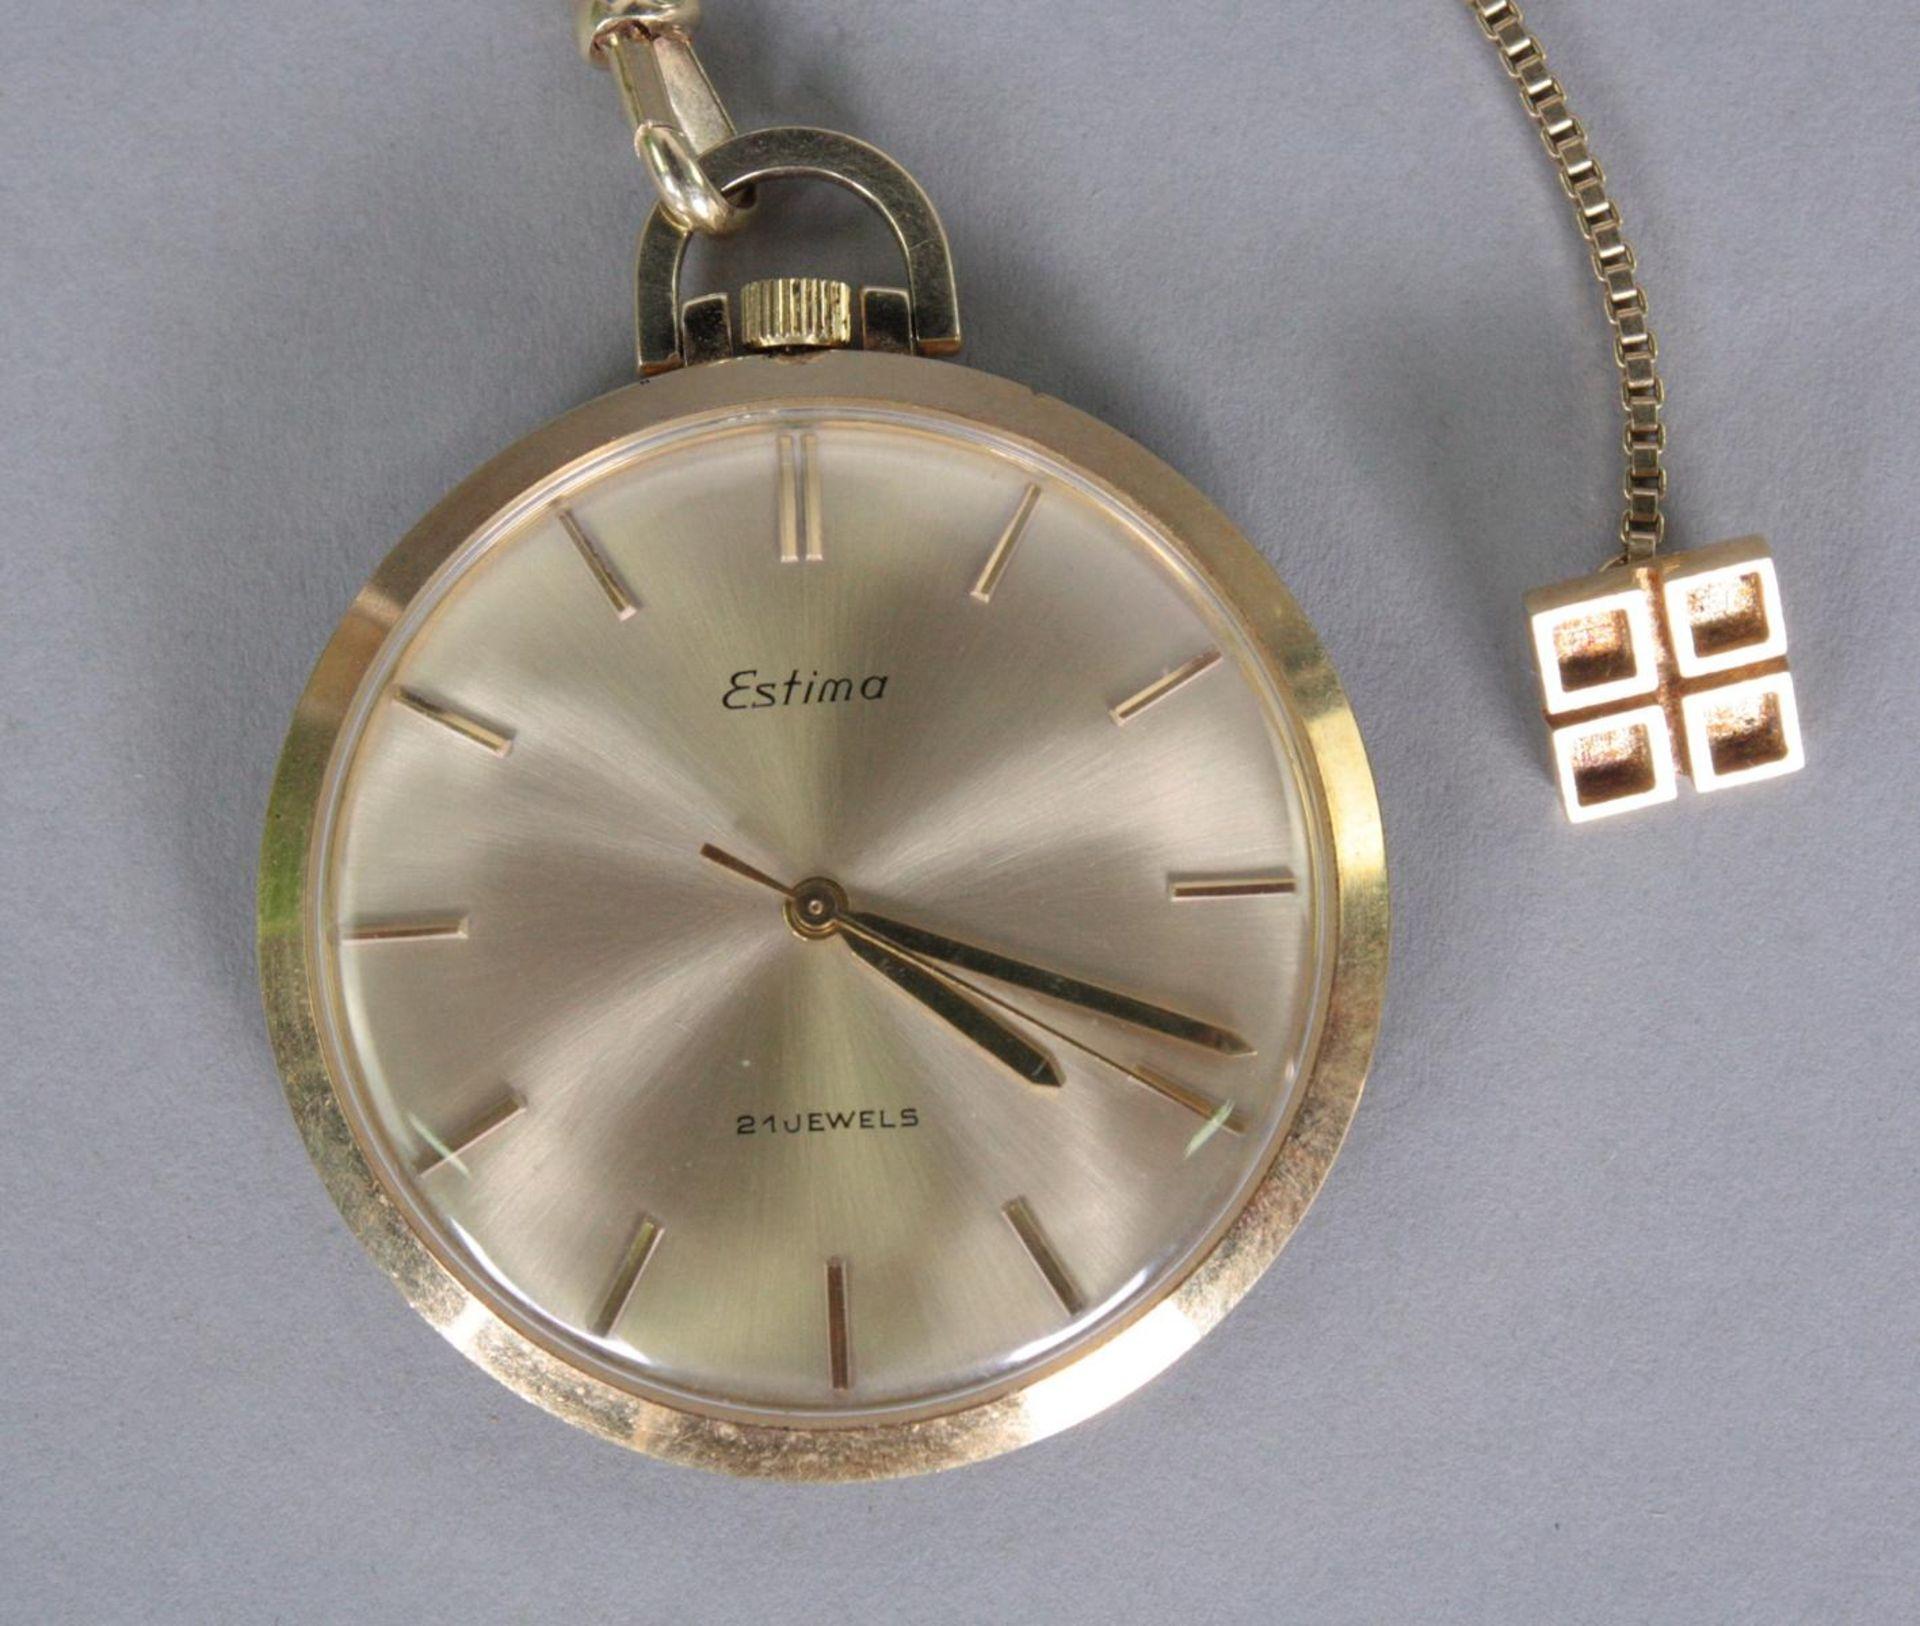 Taschenuhr mit Uhrenkette, 14 Karat Gelbgold - Bild 2 aus 3